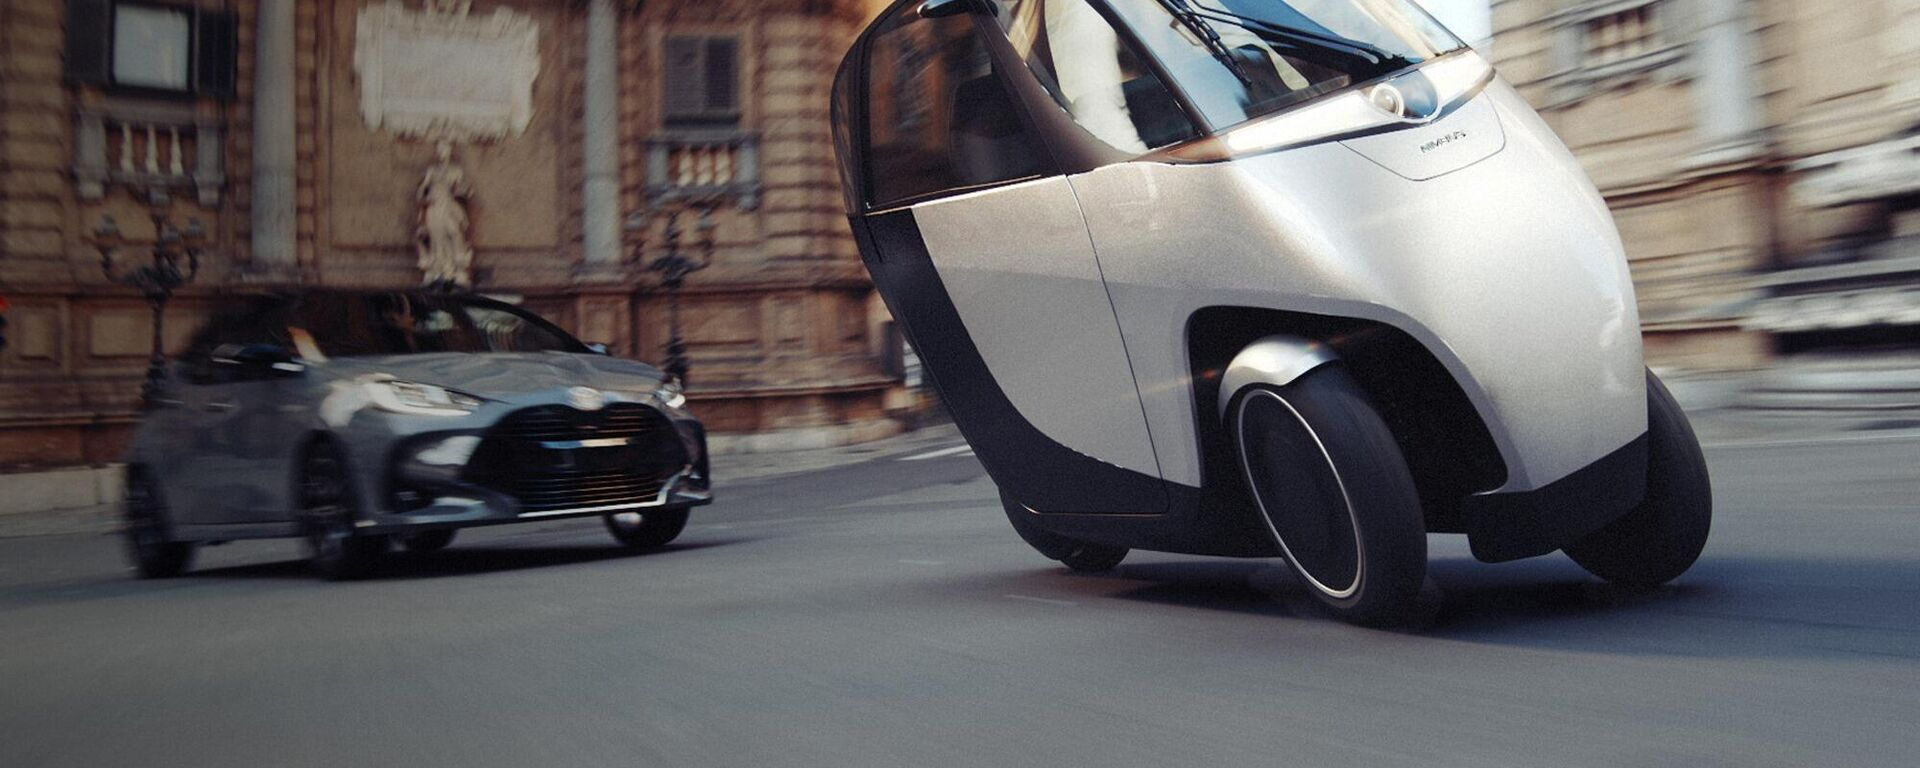 El Nimbus Halo, un un vehículo que combina las características de una moto y un auto eléctrico - Sputnik Mundo, 1920, 11.03.2021